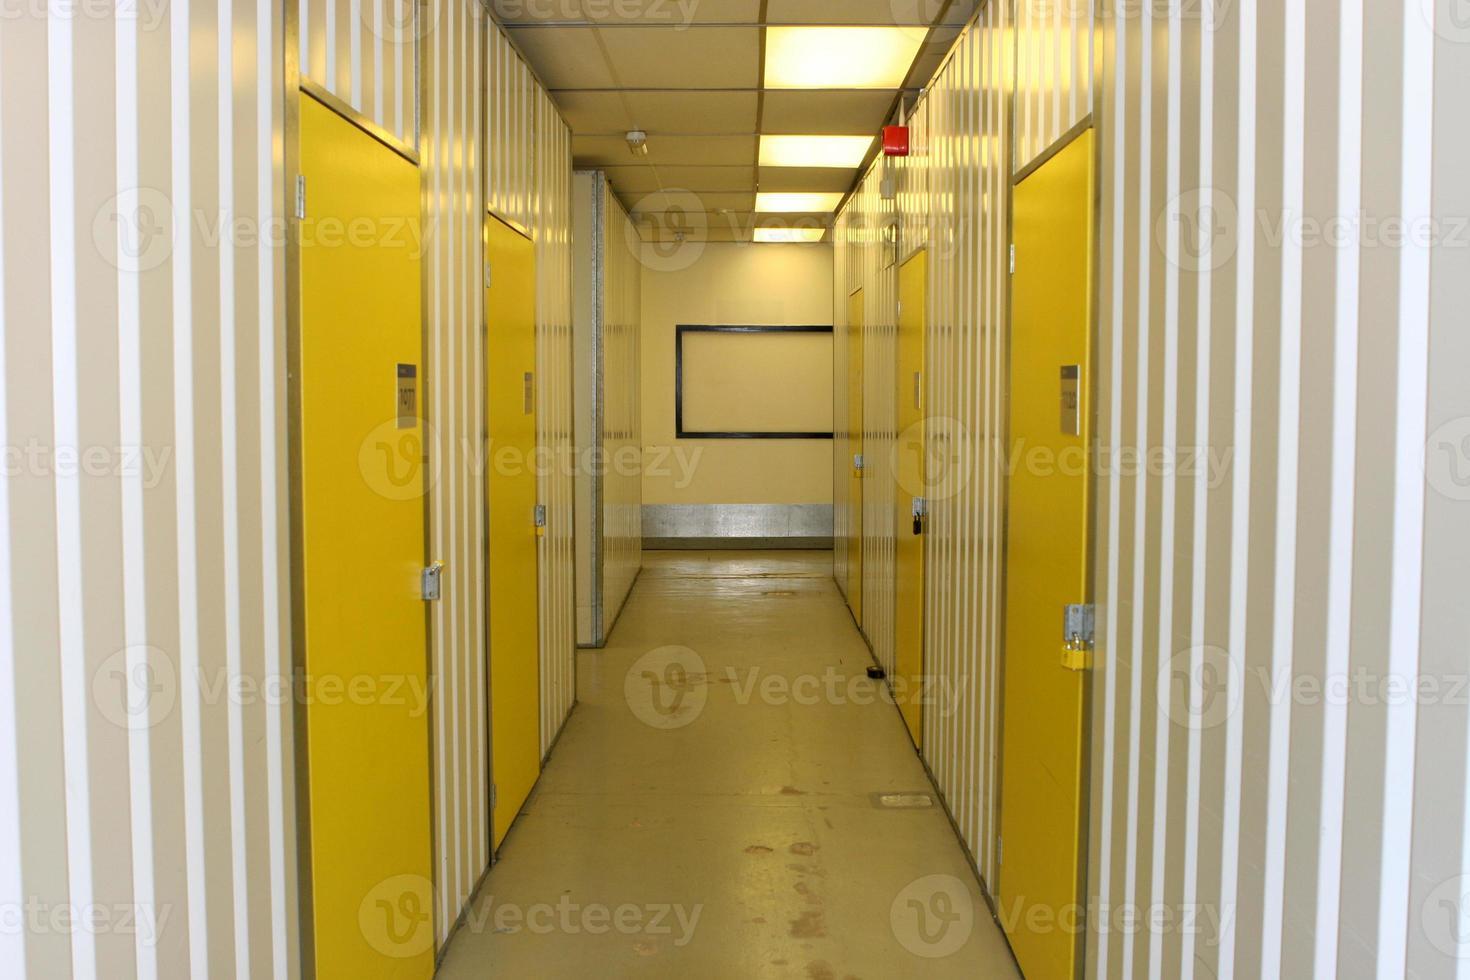 corridoio industriale bianco con porte numerate gialle foto